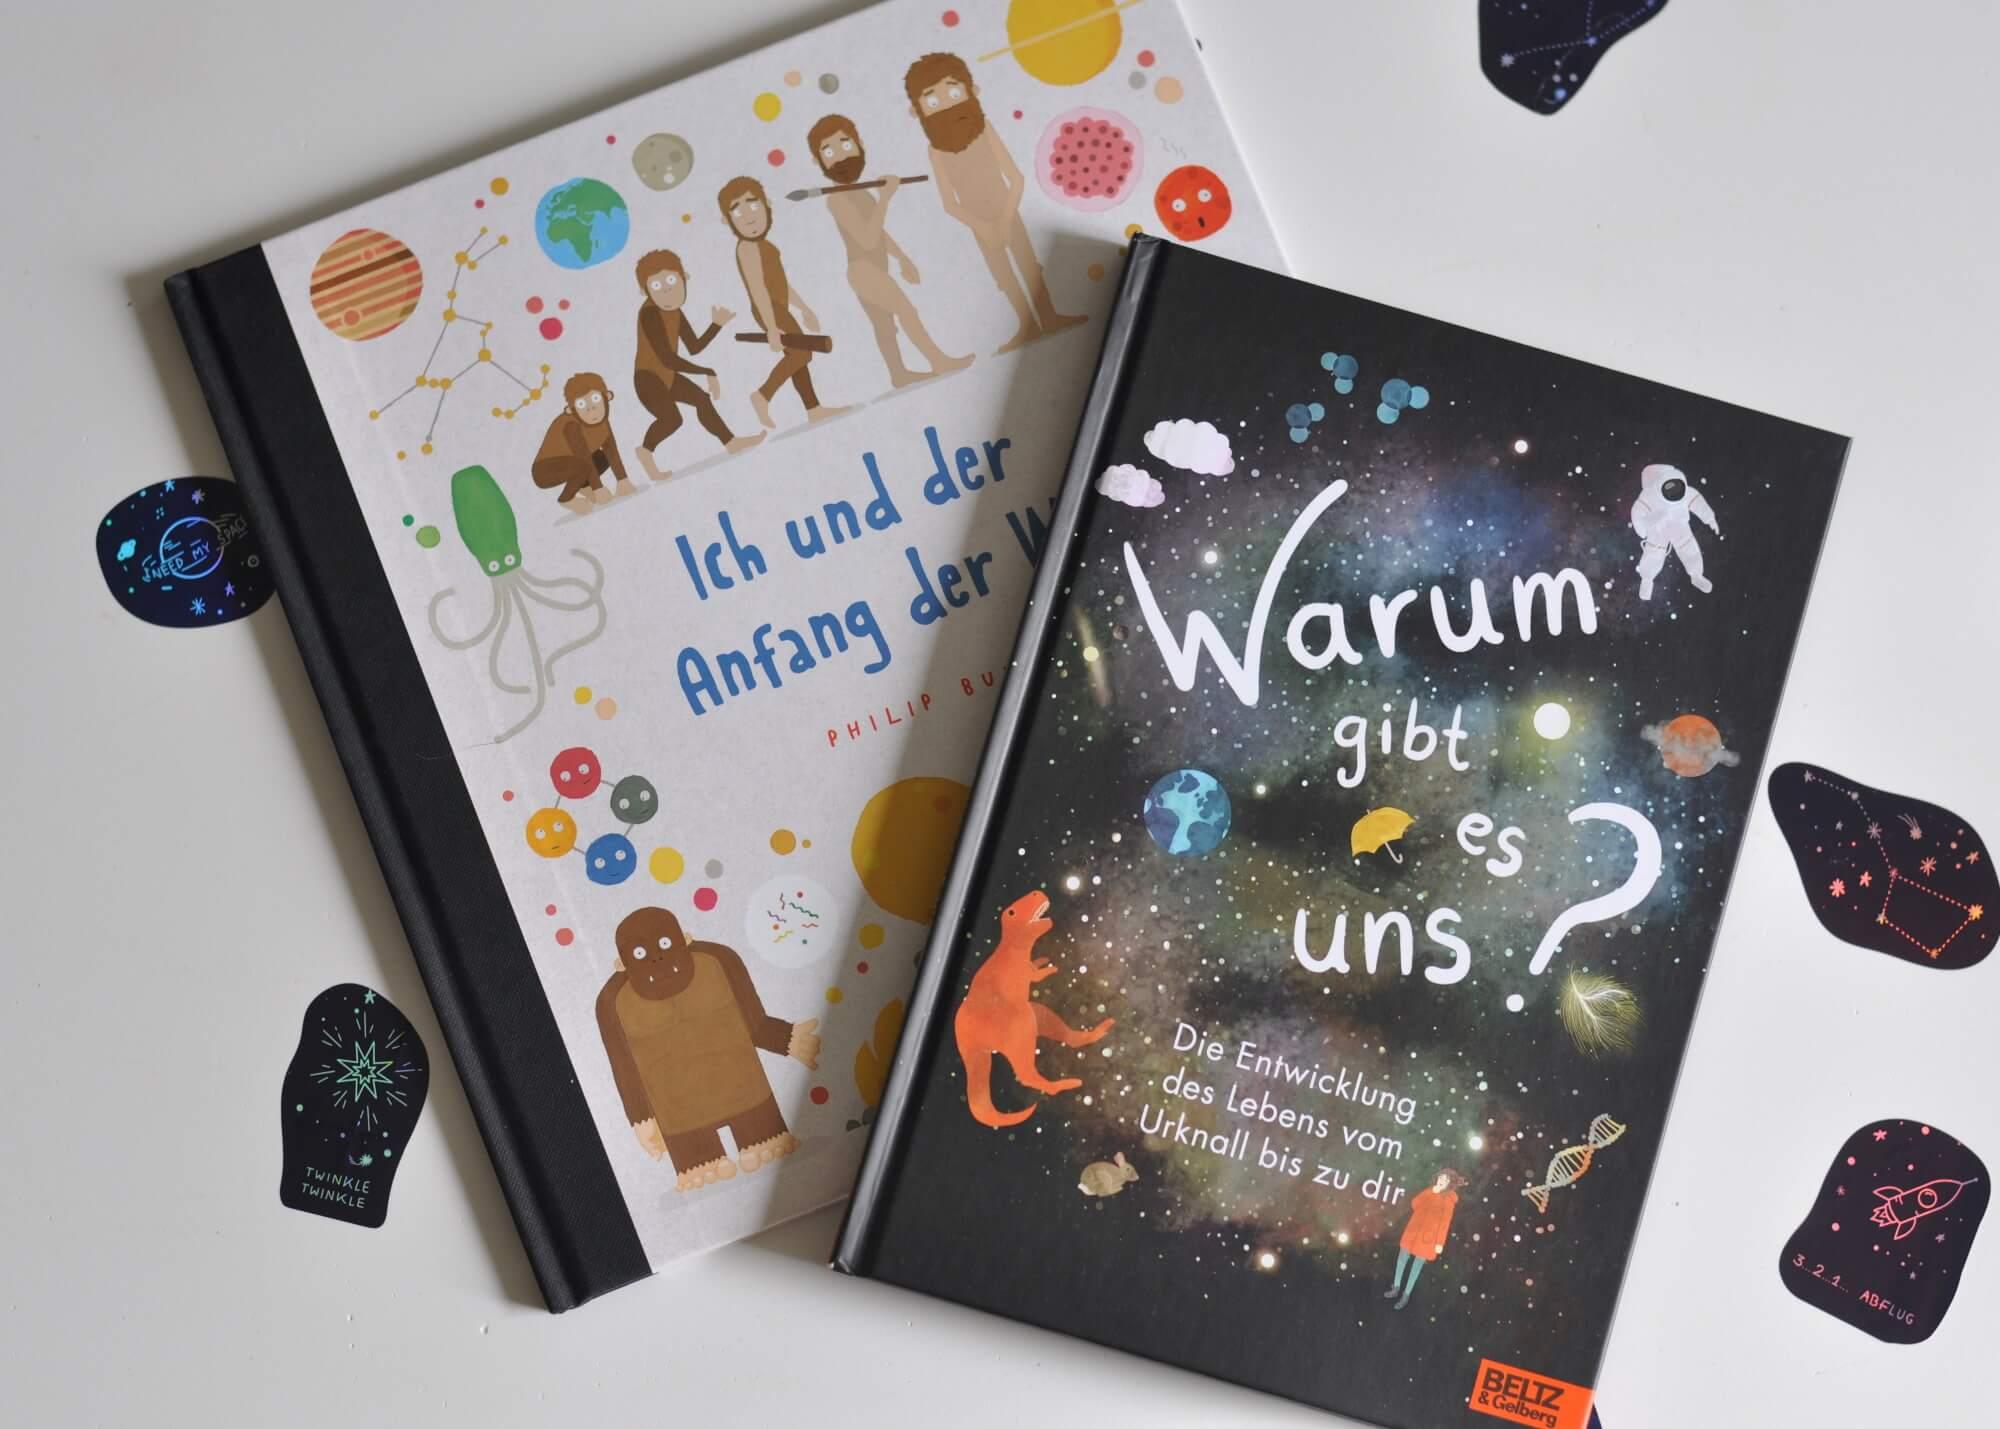 Die Entwicklung der Erde vom Urknall bis zum Menschen - Ich habe für euch zwei kindgerechte Sachbücher gefunden, die in keinem Kinderzimmer fehlen sollten. Warum gibt es uns? ist für Kinder ab 8 Jahren, während Ich und der Anfang der Welt für Kinder ab 4 Jahren ist. Beide sind perfekt und so lustig geschrieben, dass auch Erwachsene noch einiges über Atome & Co. lernen können. #lesen #physik #entstehung #sachbuch #urknall #kinder #welt #universum